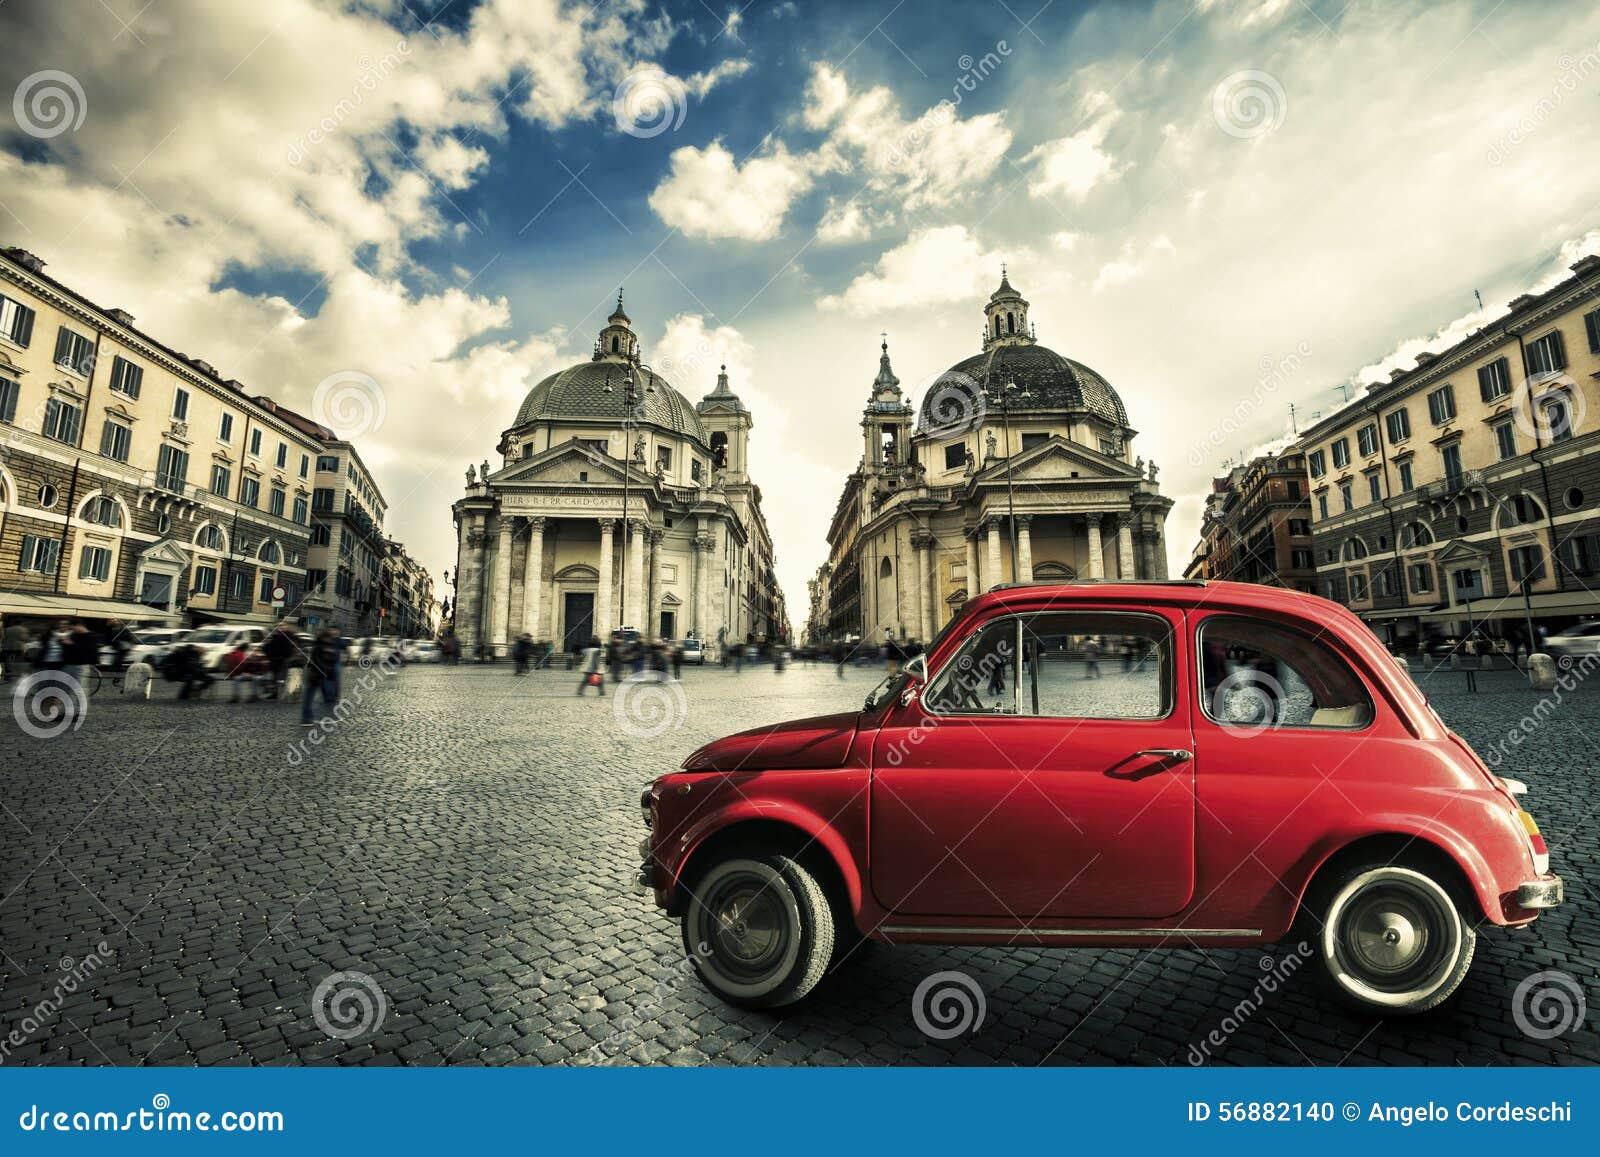 Escena italiana del coche rojo viejo del vintage en el centro histórico de Roma Italia